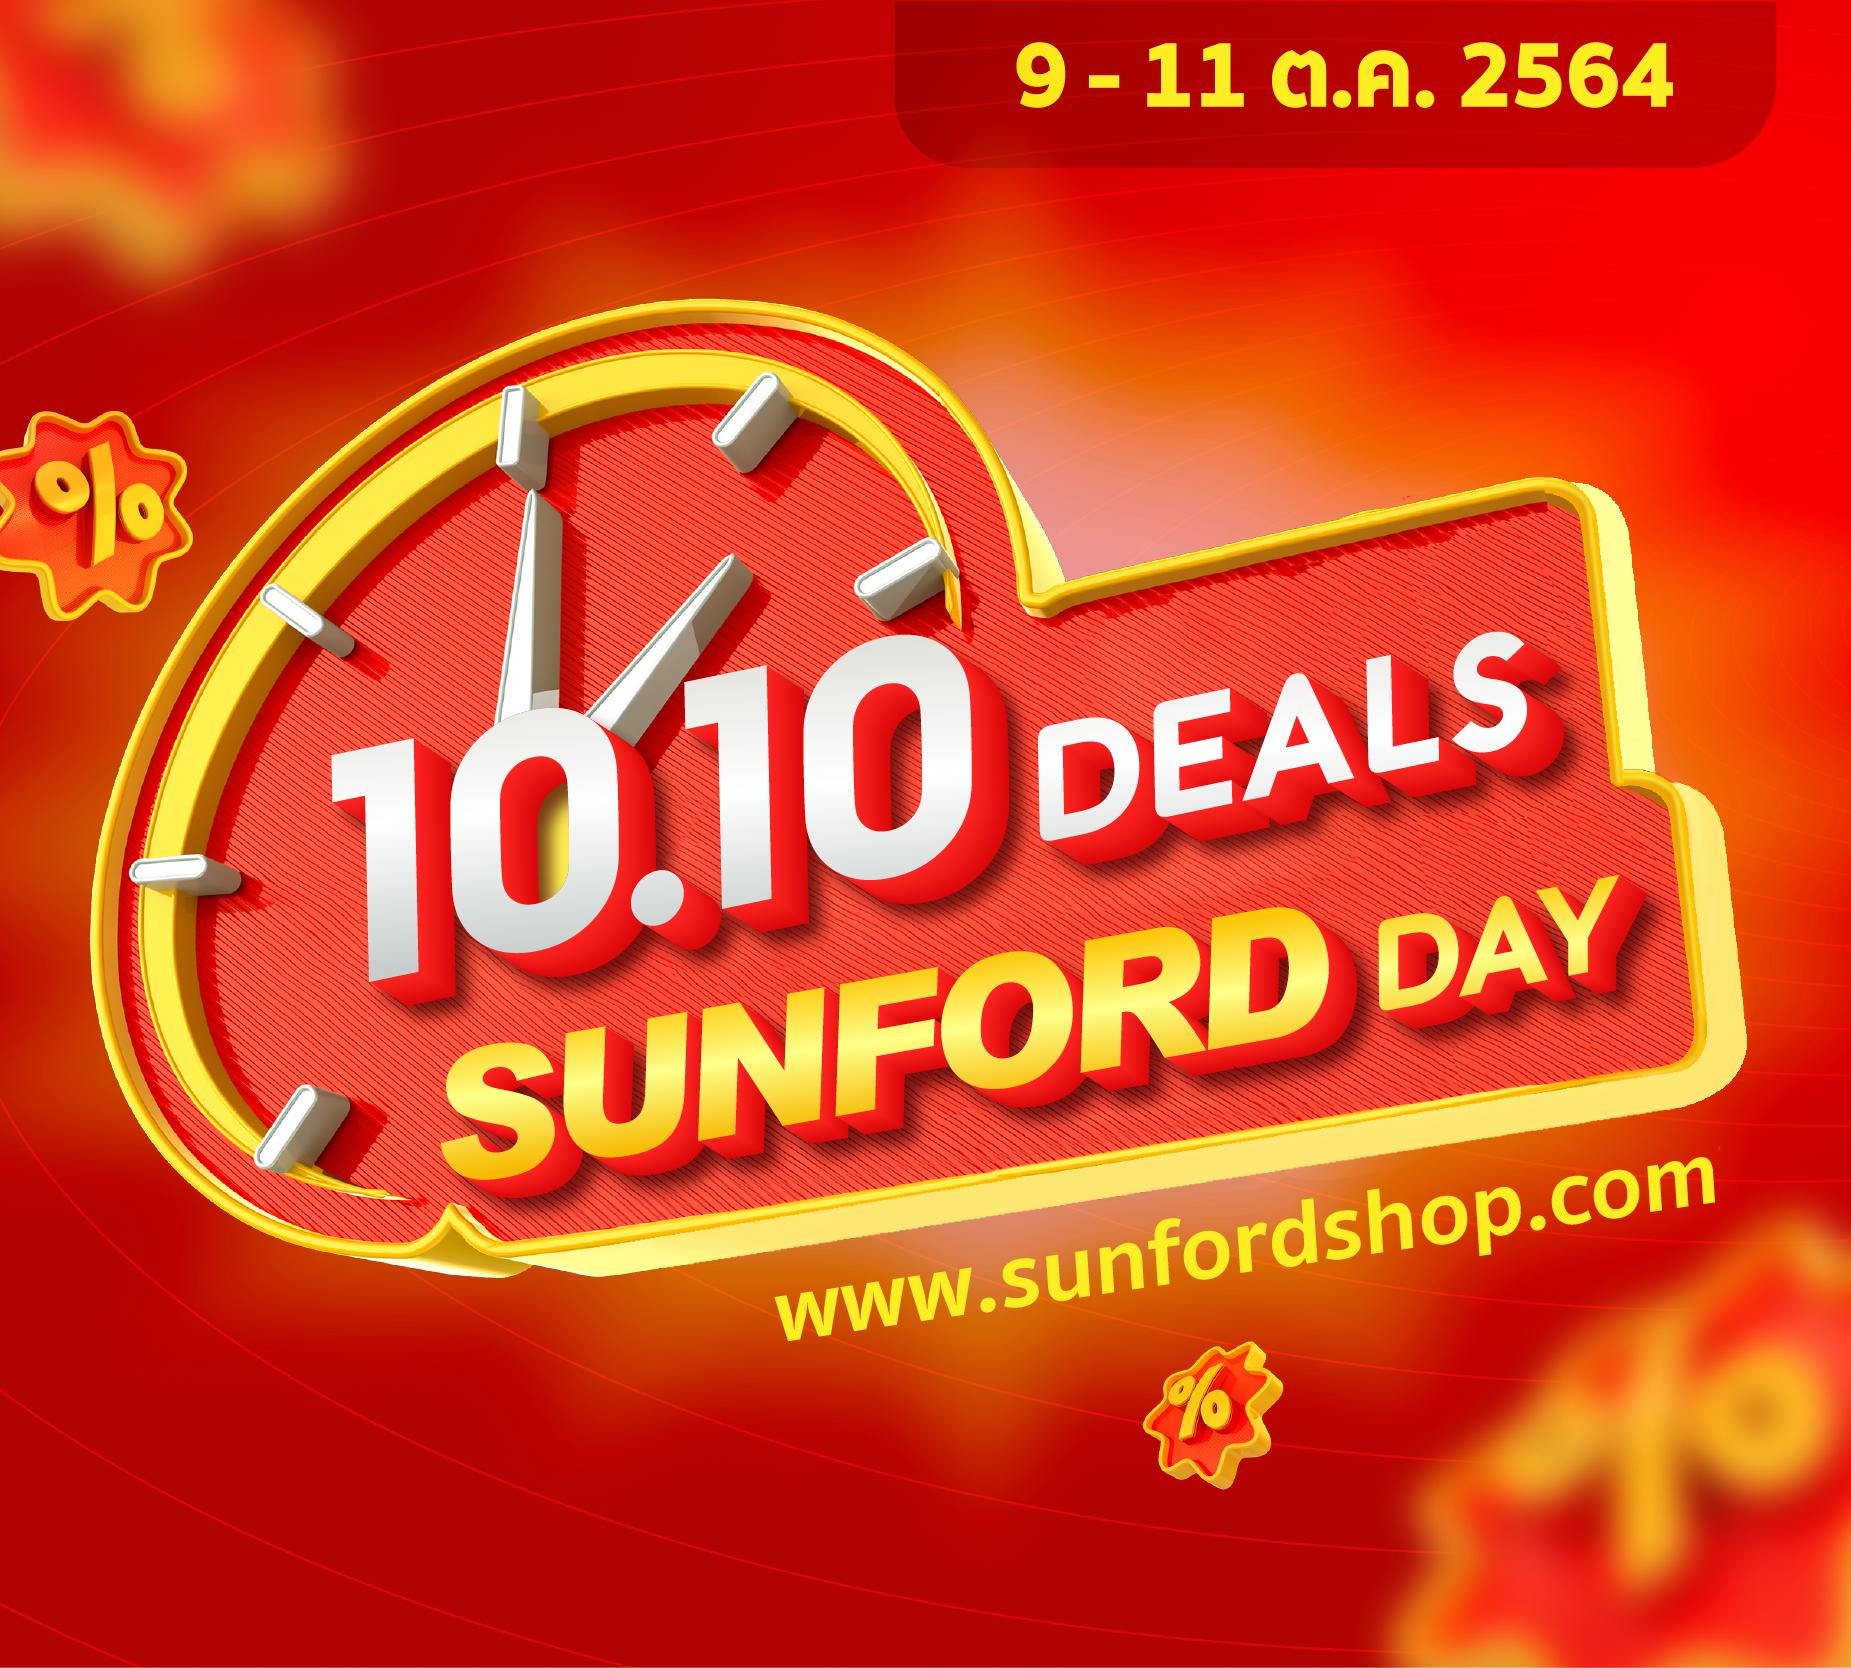 10.10 Deals SUNFORD Day